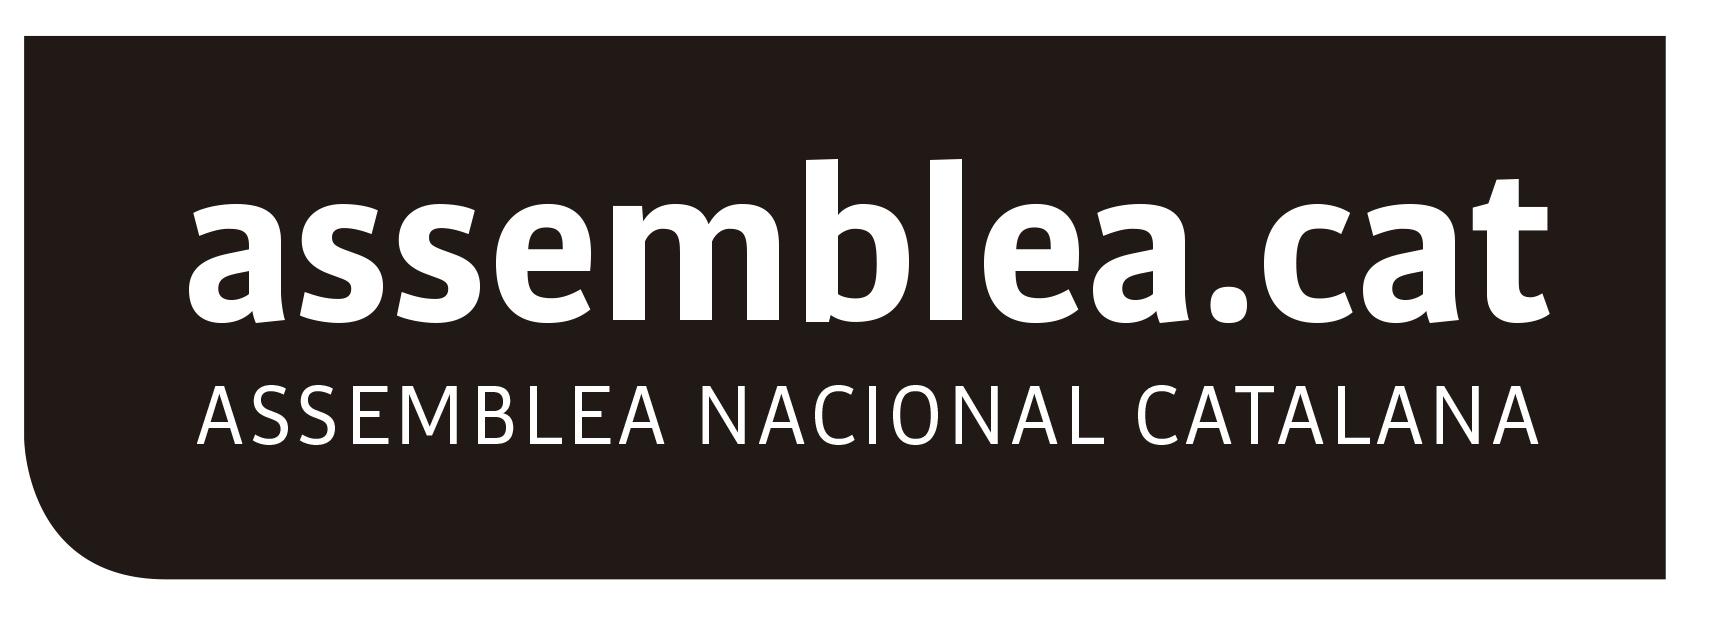 Aposta per interpel·lar de nou el poble de Catalunya